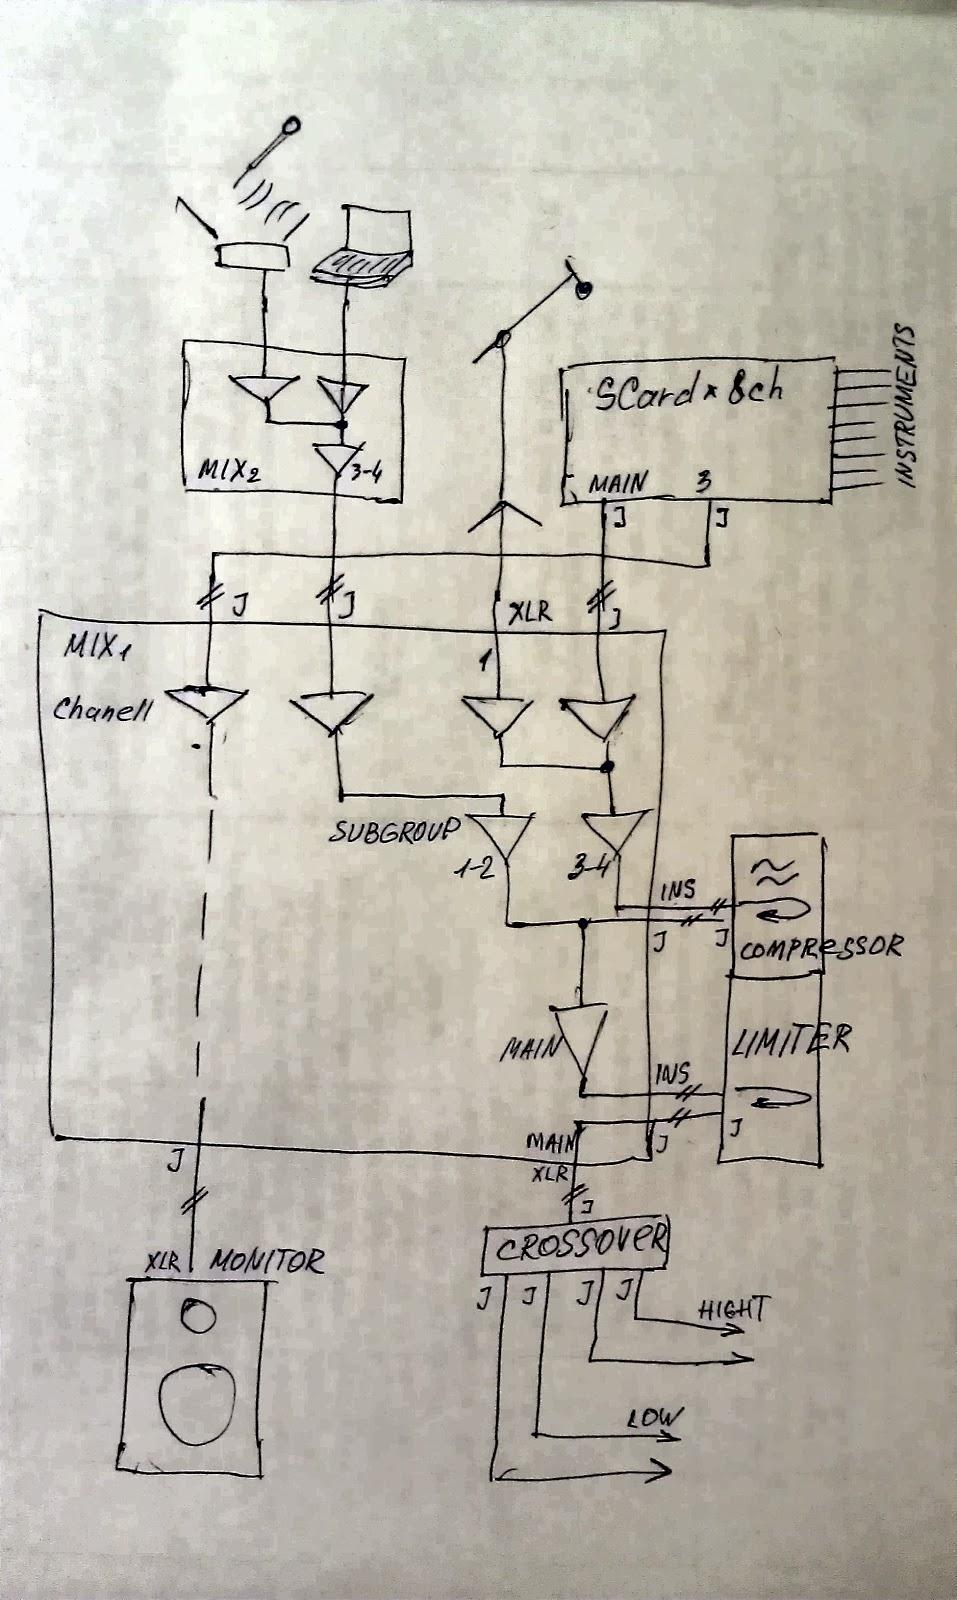 схема качественного 5 ти полосного эквалайзера